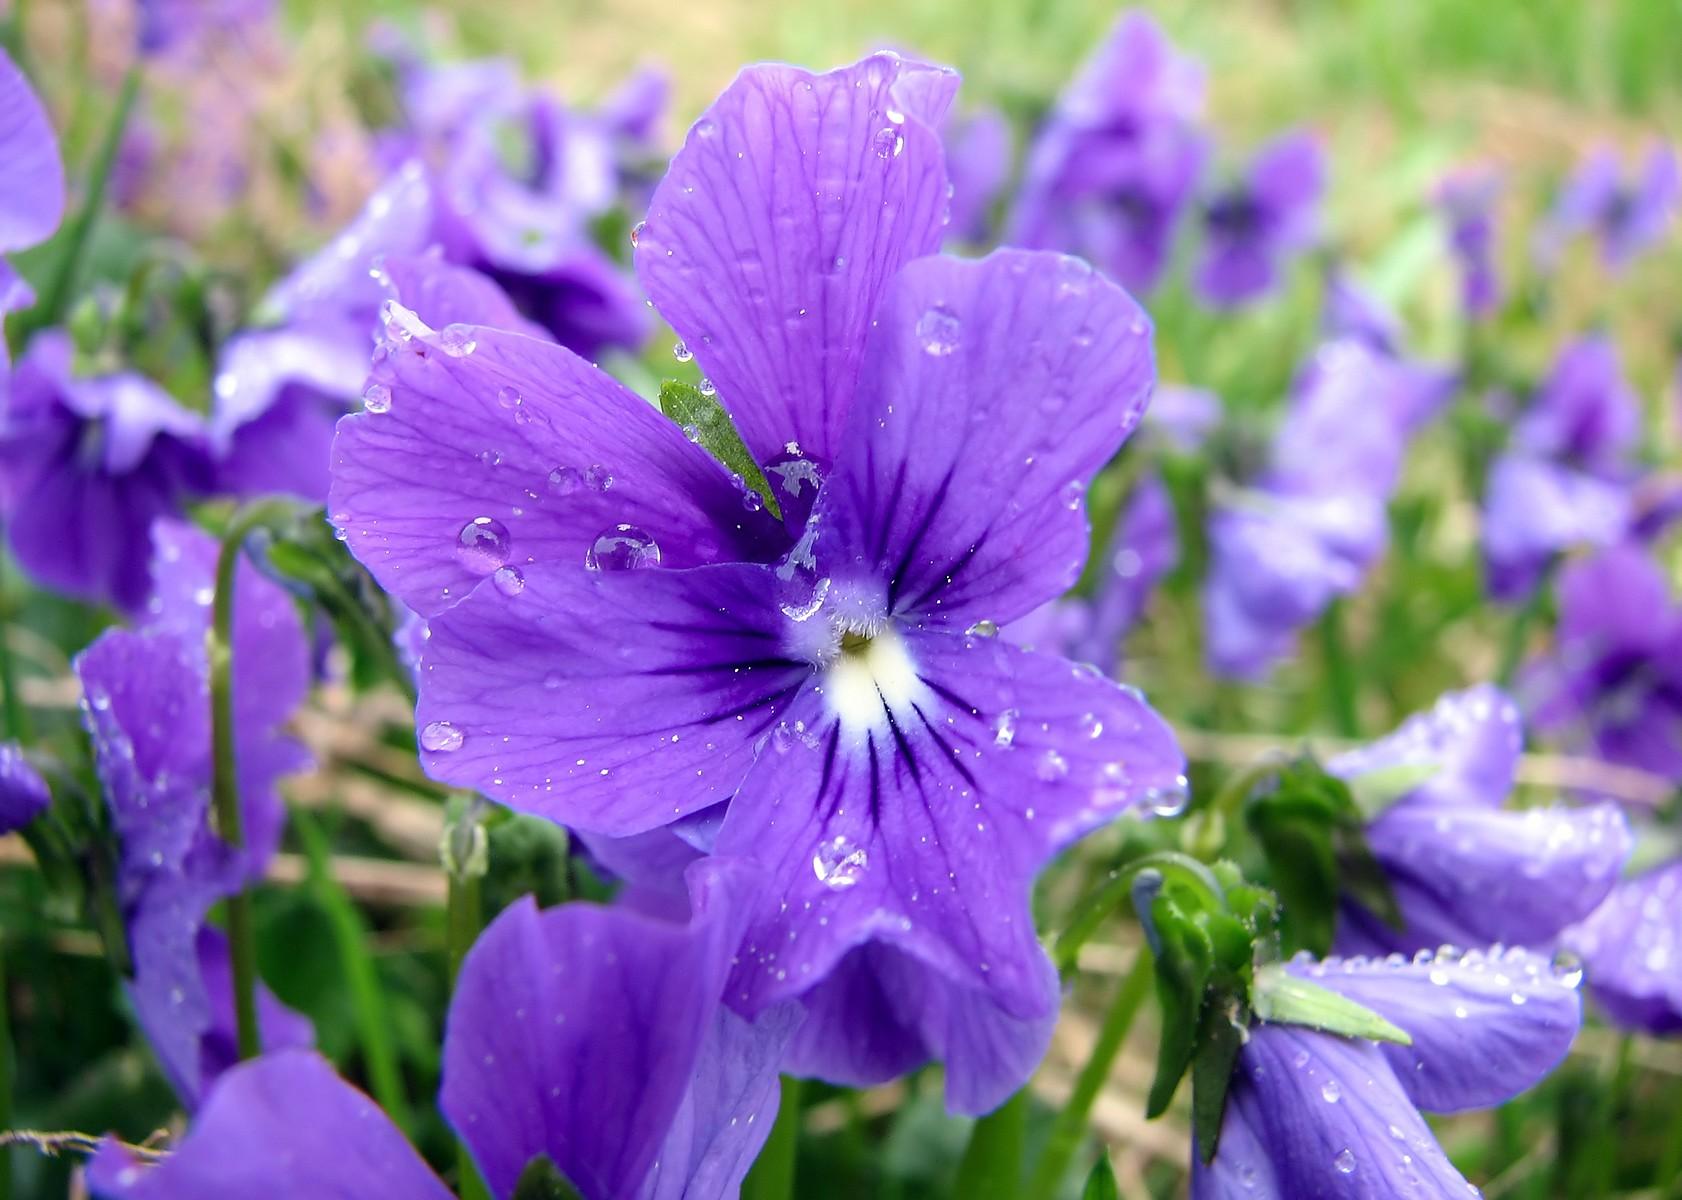 роса на цветке фото: